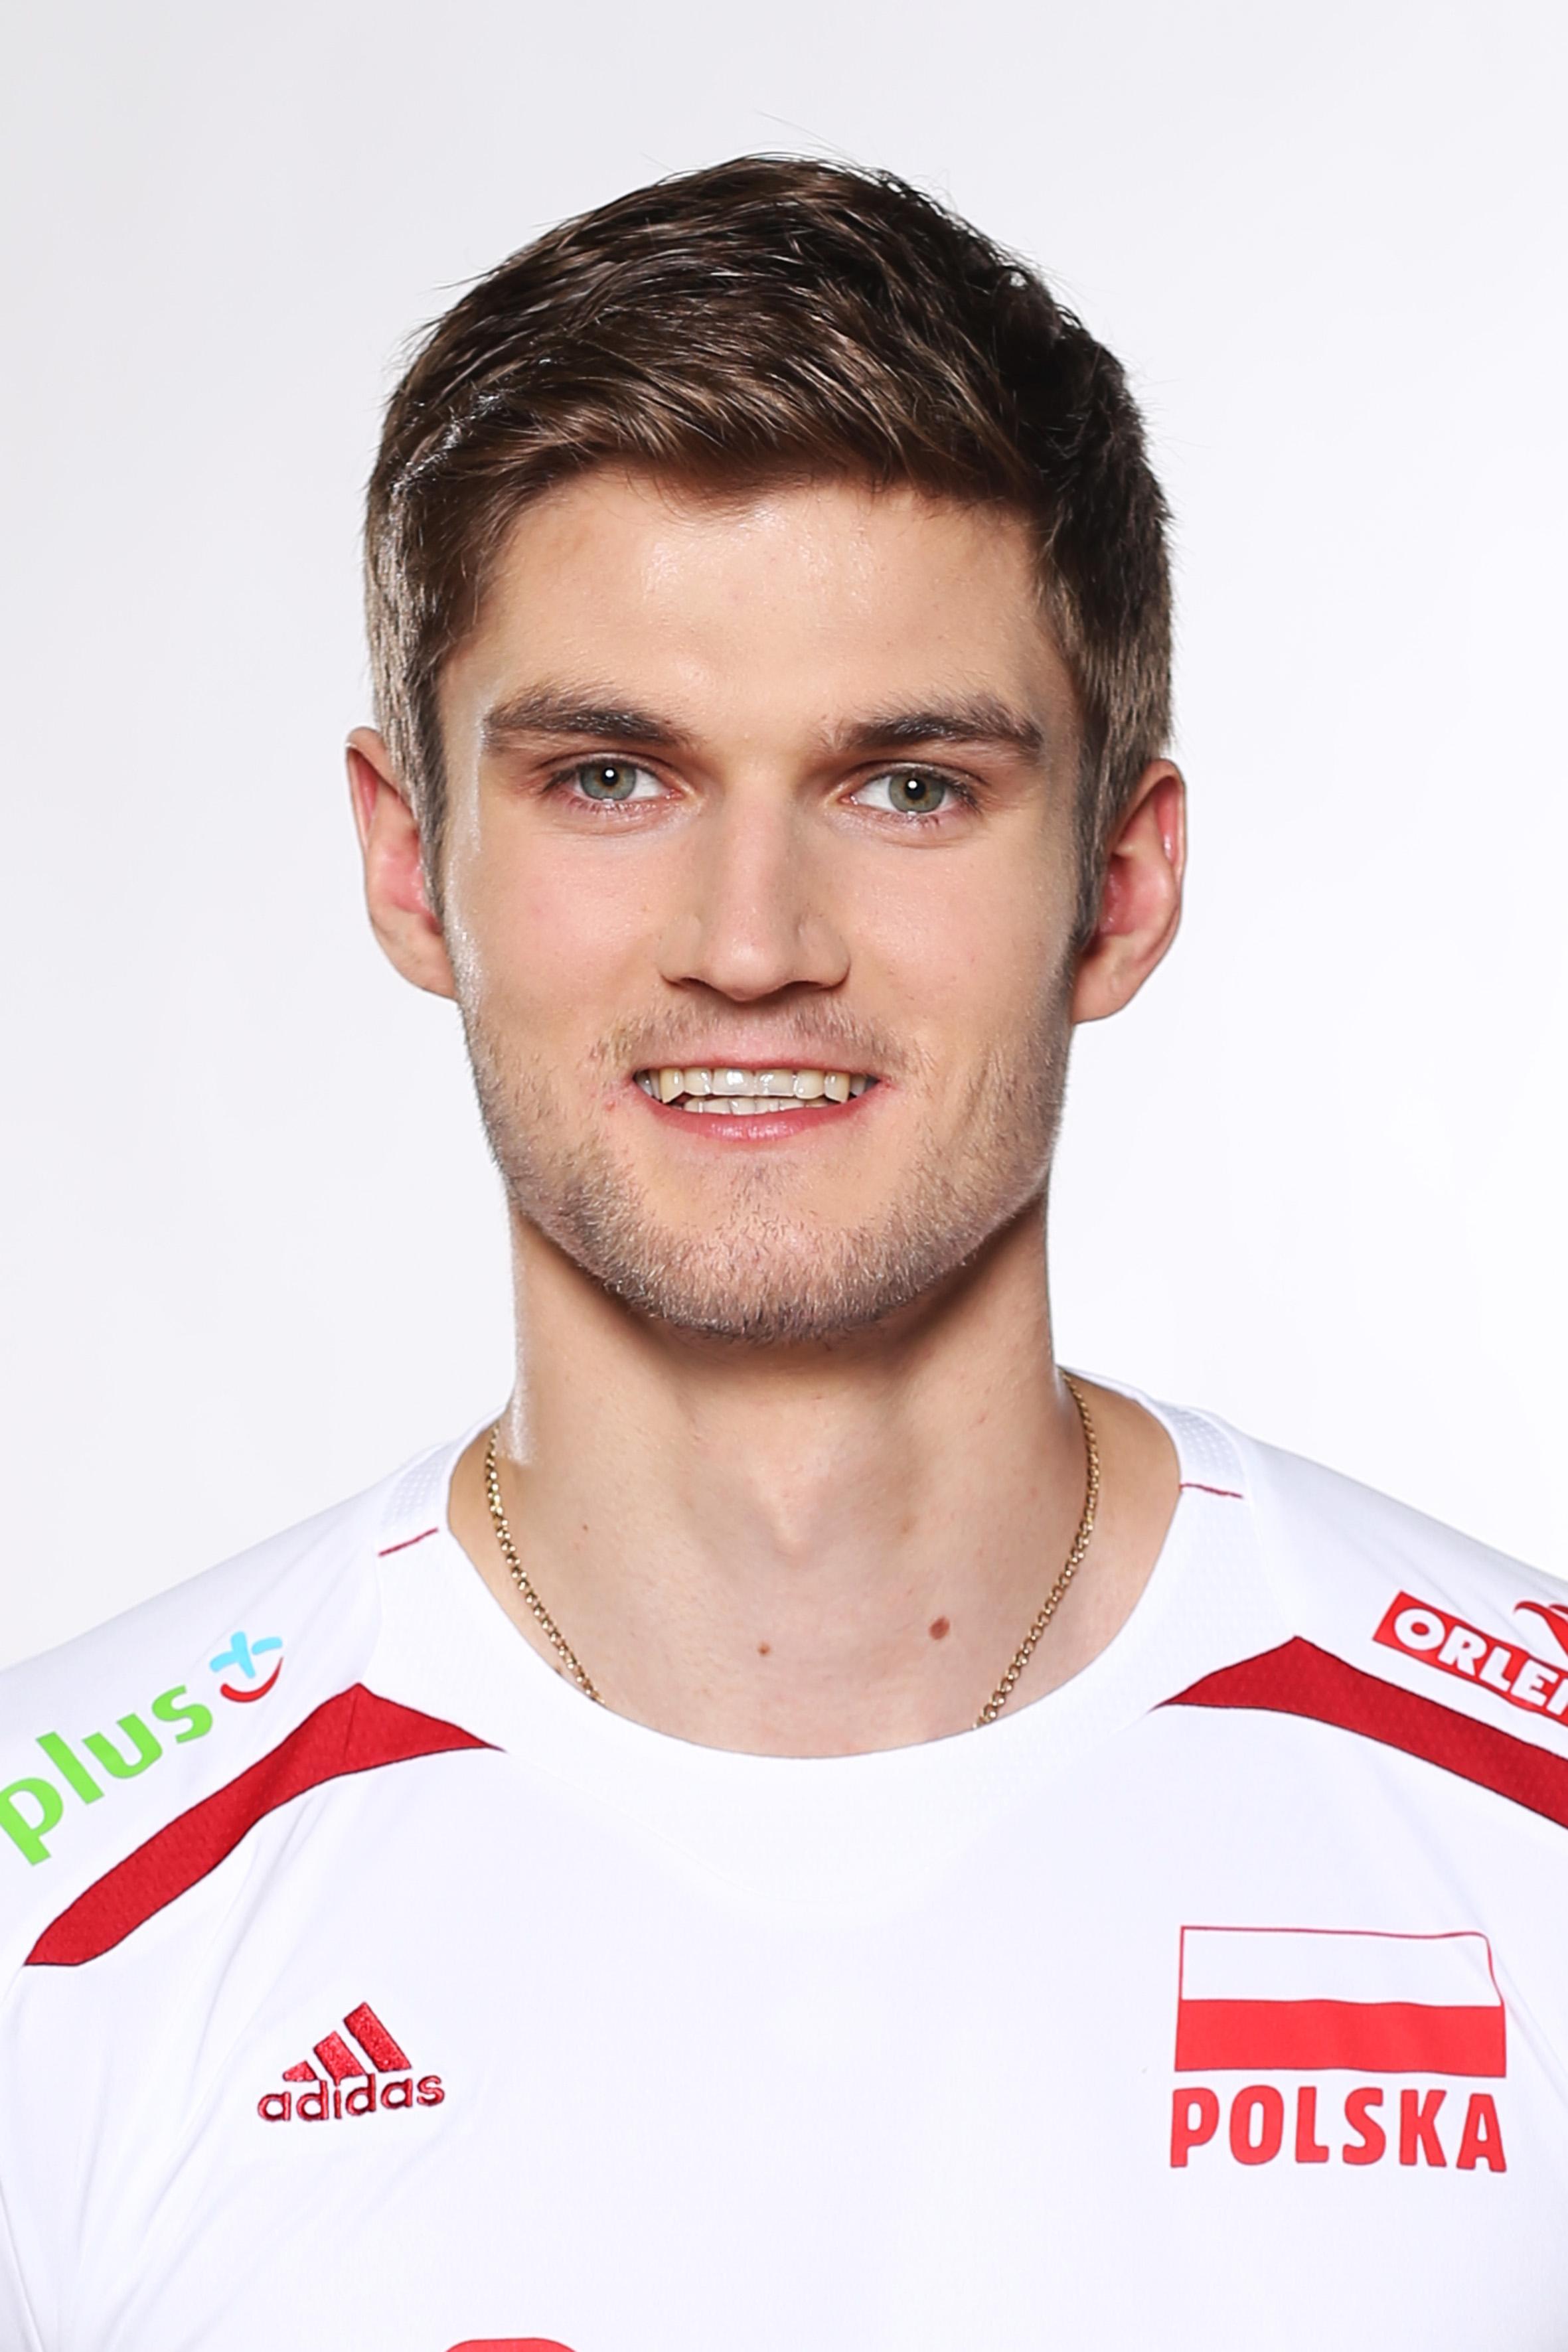 ポーランド男子バレーのクウォスとは?背番号や名前をチェックしてみる!